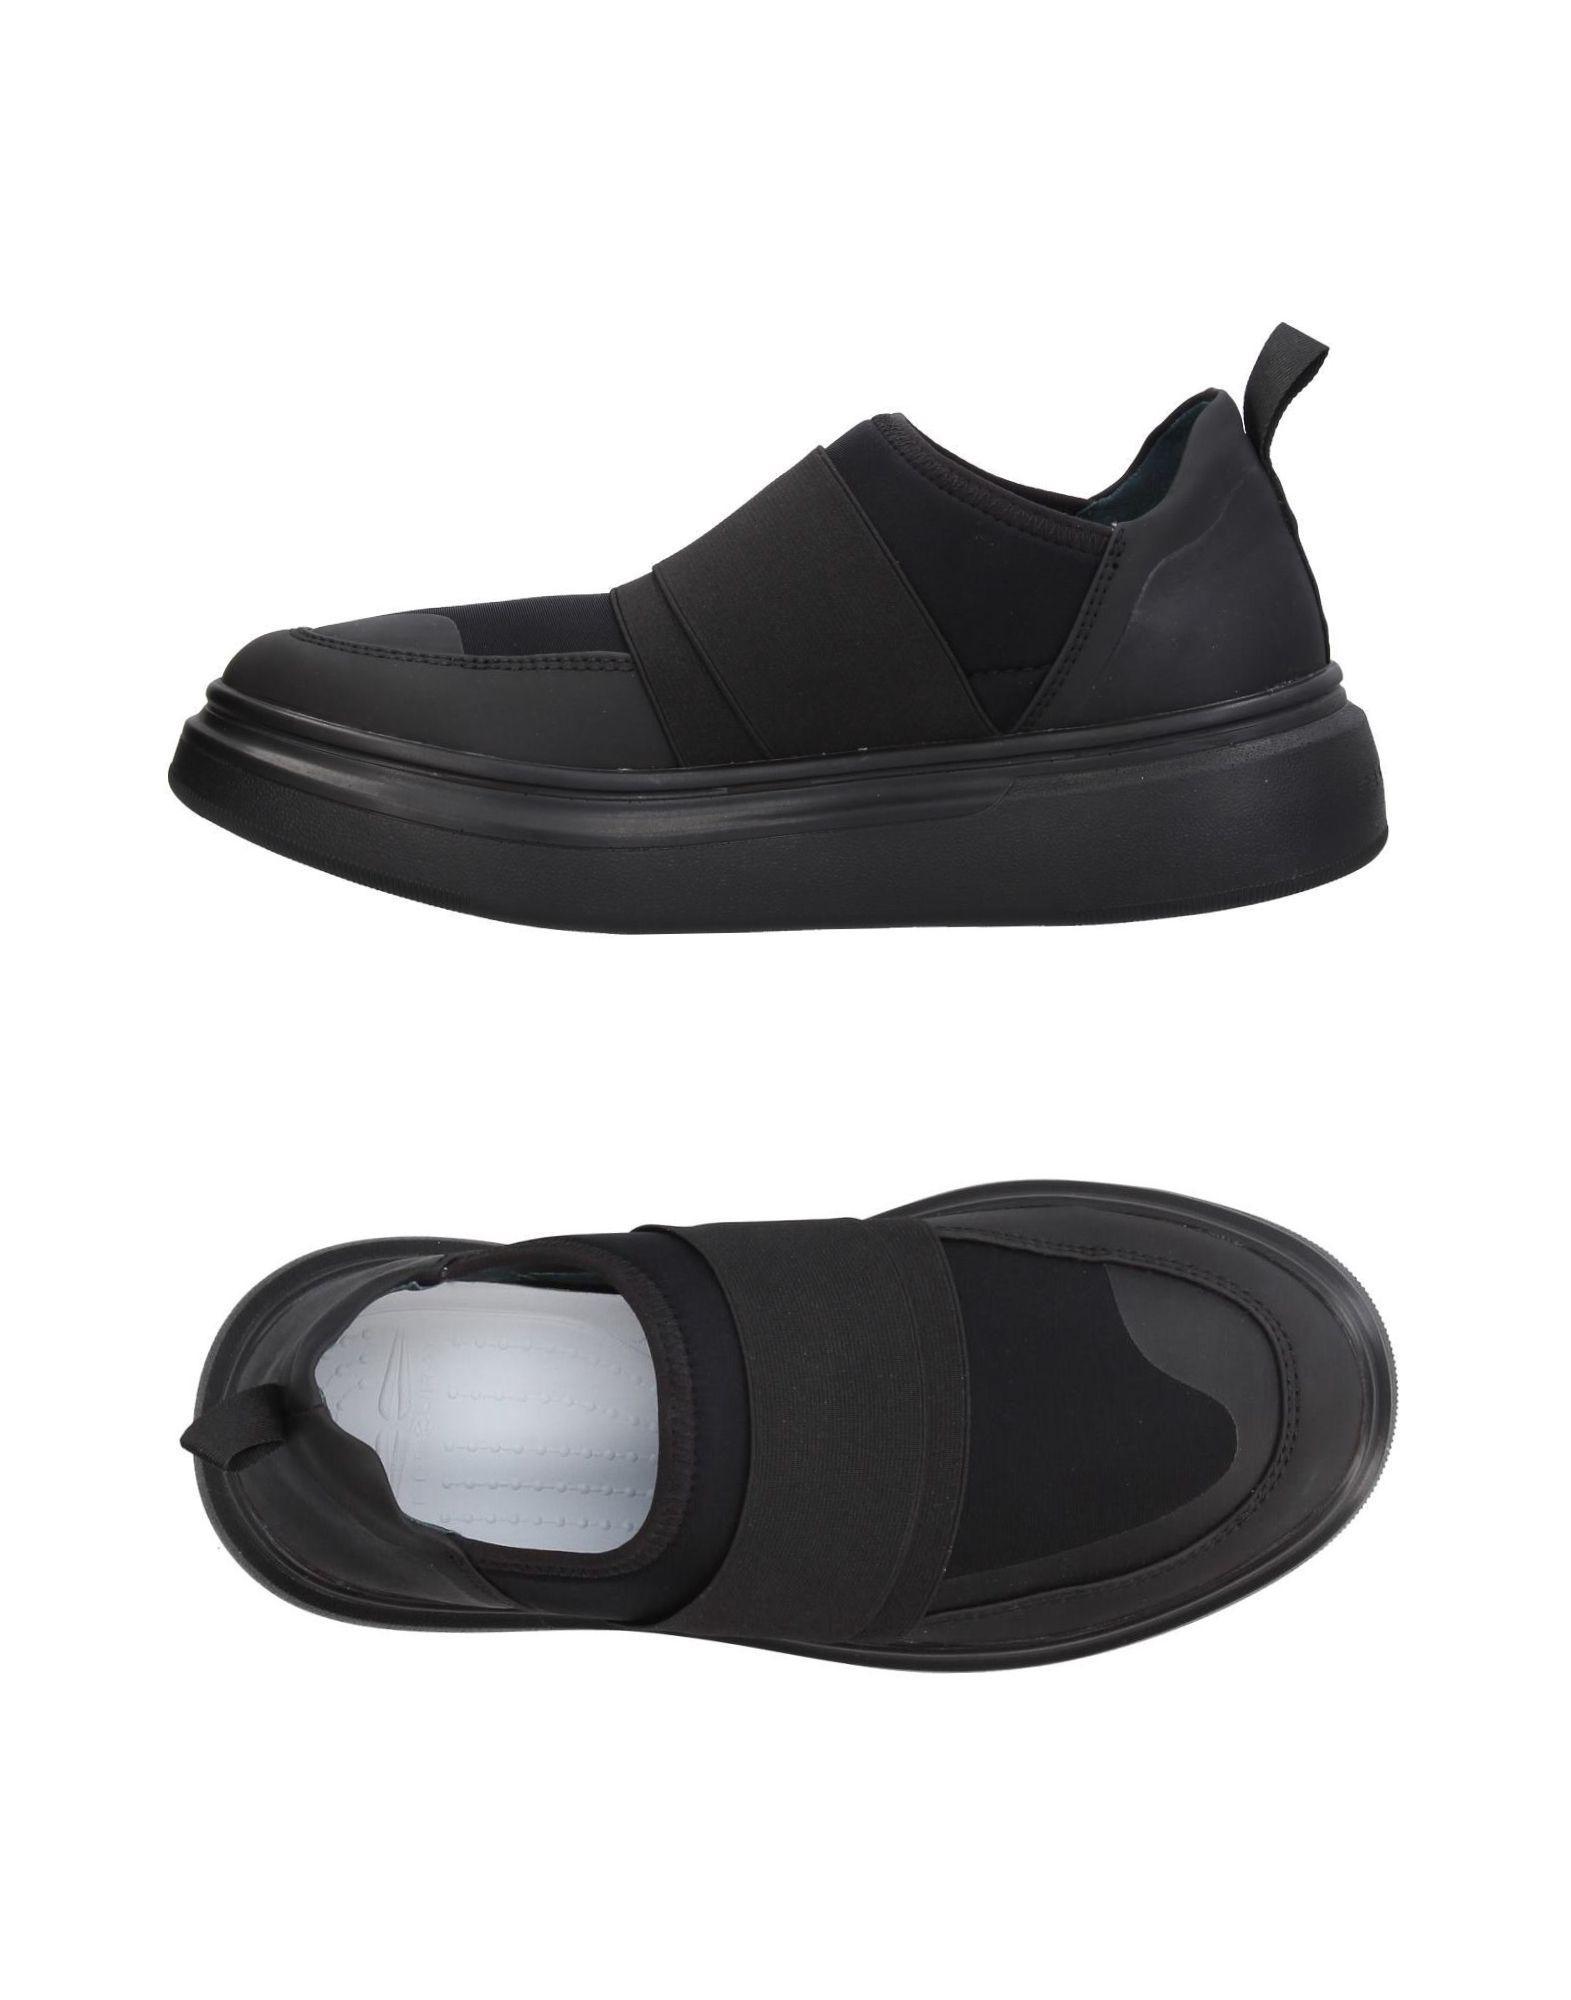 FOOTWEAR - Low-tops & sneakers Fessura HwIphPbVp